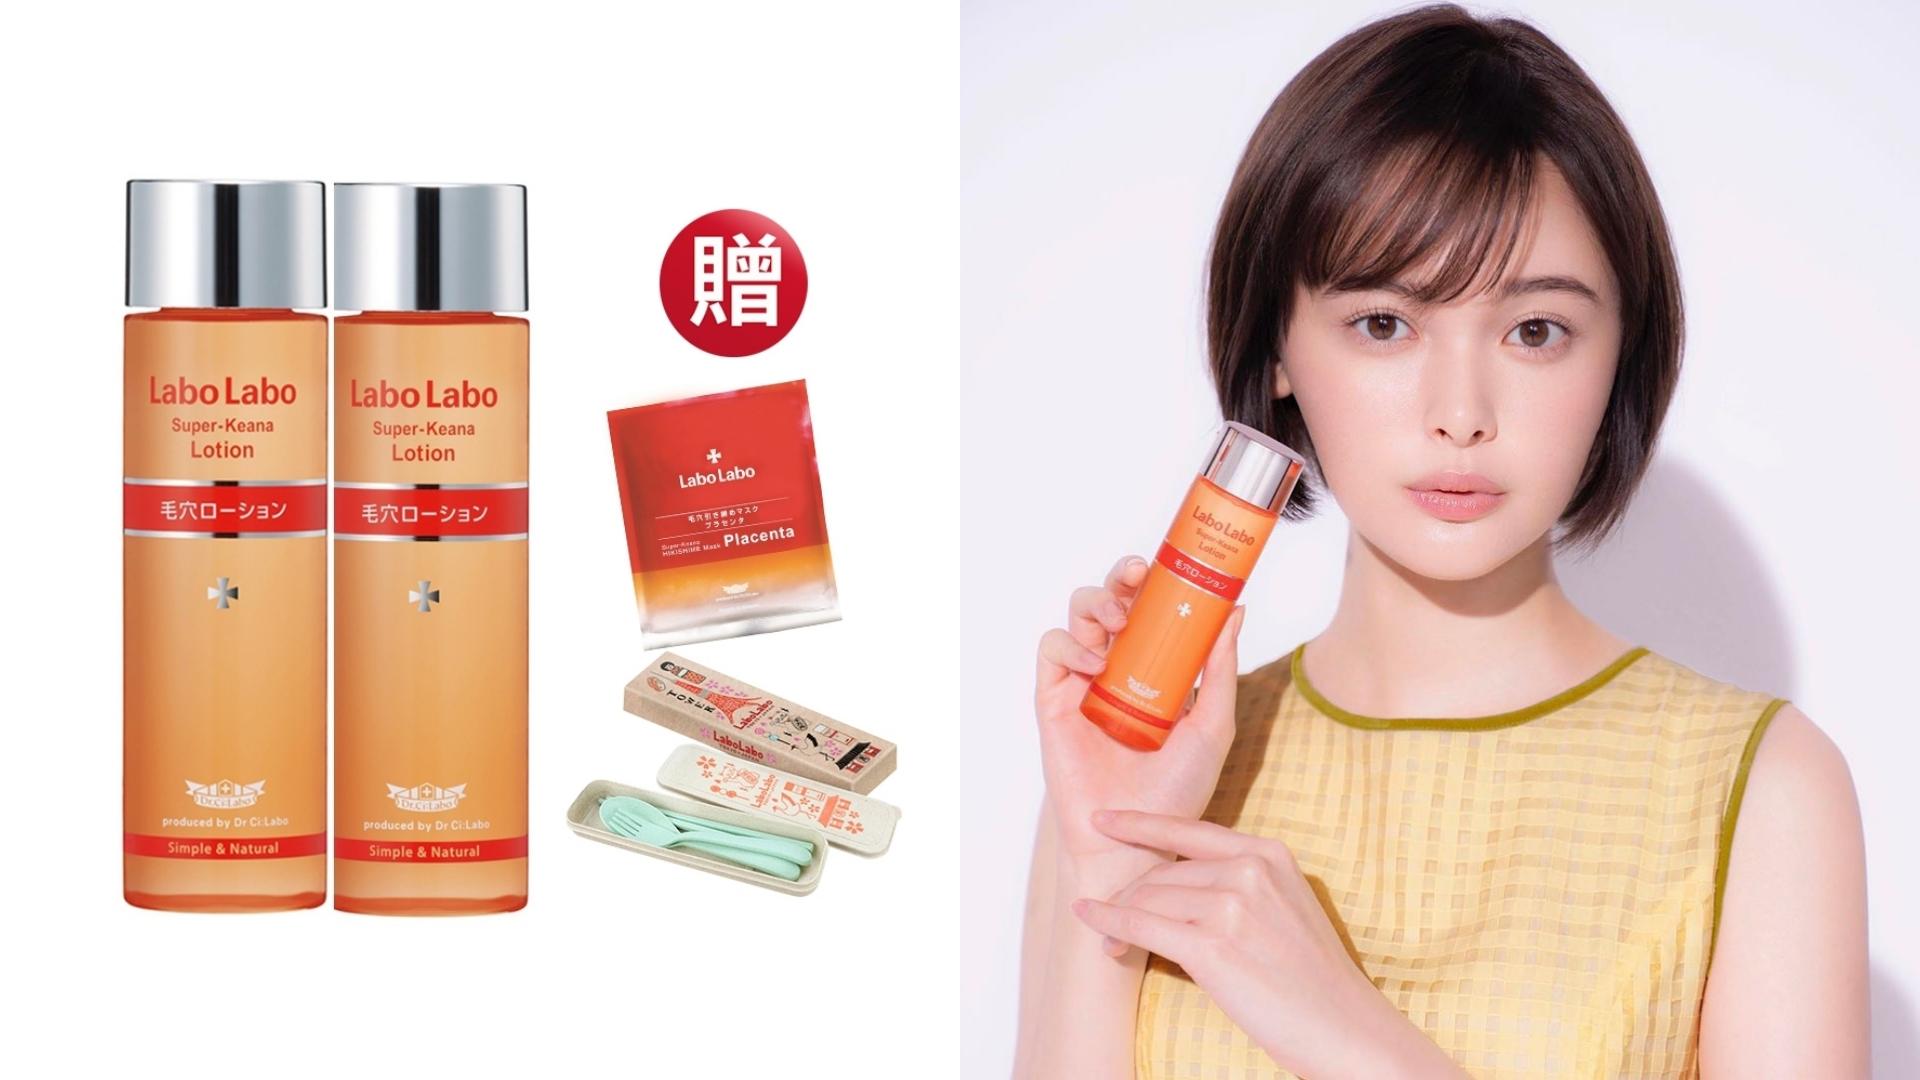 這款在日本銷售第一的緊膚水,含有日本玫瑰果幫助緊緻毛孔、金縷梅讓肌膚油水平衡,而且無添加酒精、色素等對肌膚會造成刺激的成分